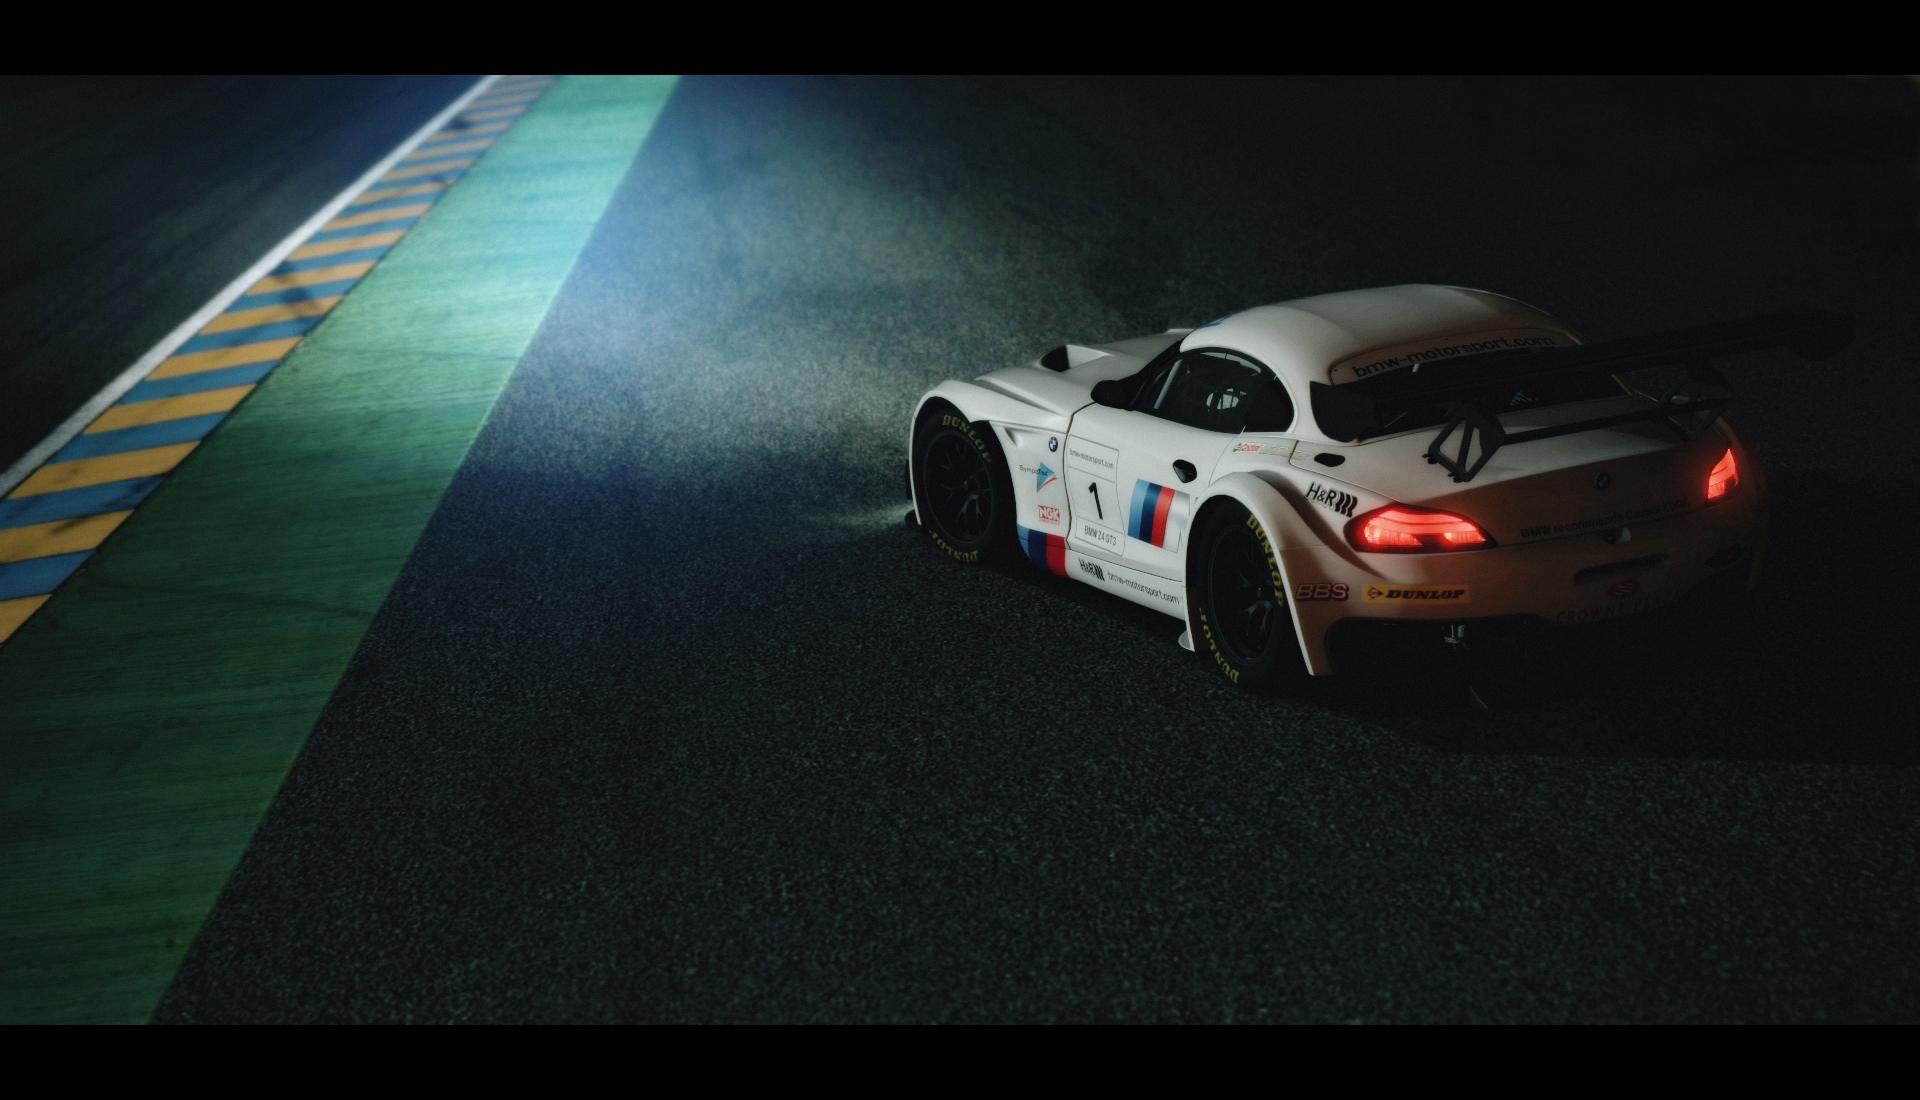 デスクトップ壁紙 白 夜 Bmw 車両 ポルシェ フランス スポーツ